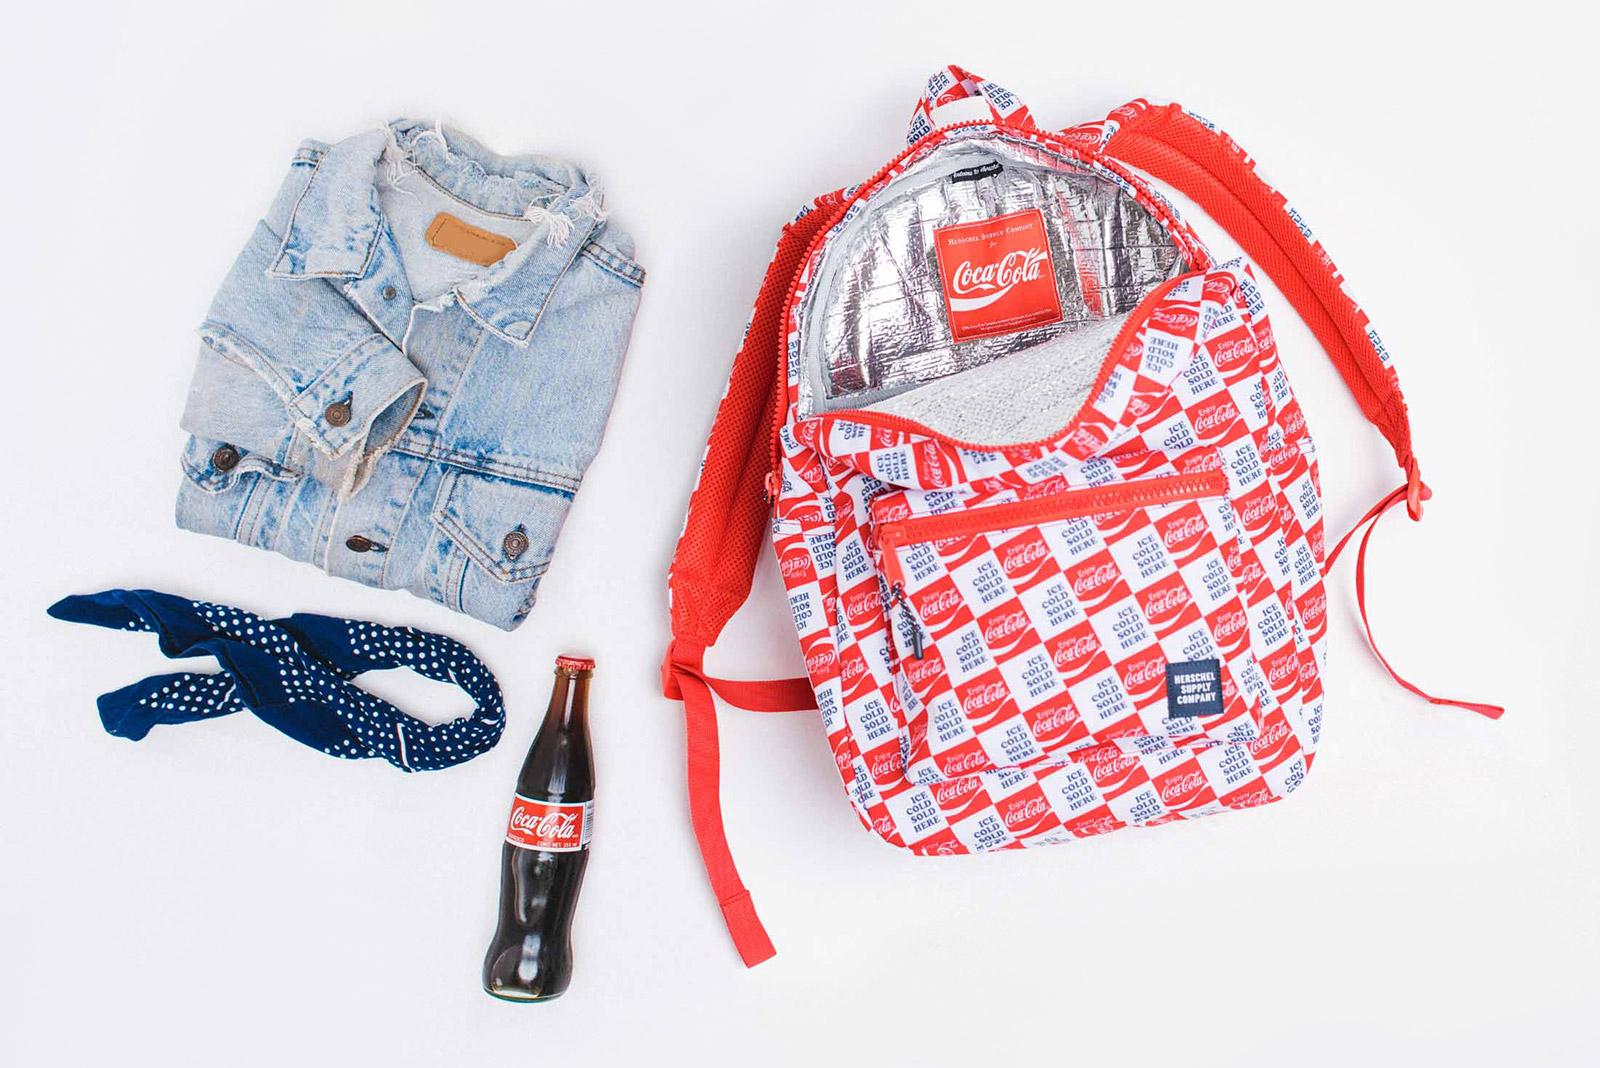 Coca Cola ve Herschel Supply Co. Yaz Sıcaklarına Özel Çanta Üretti!